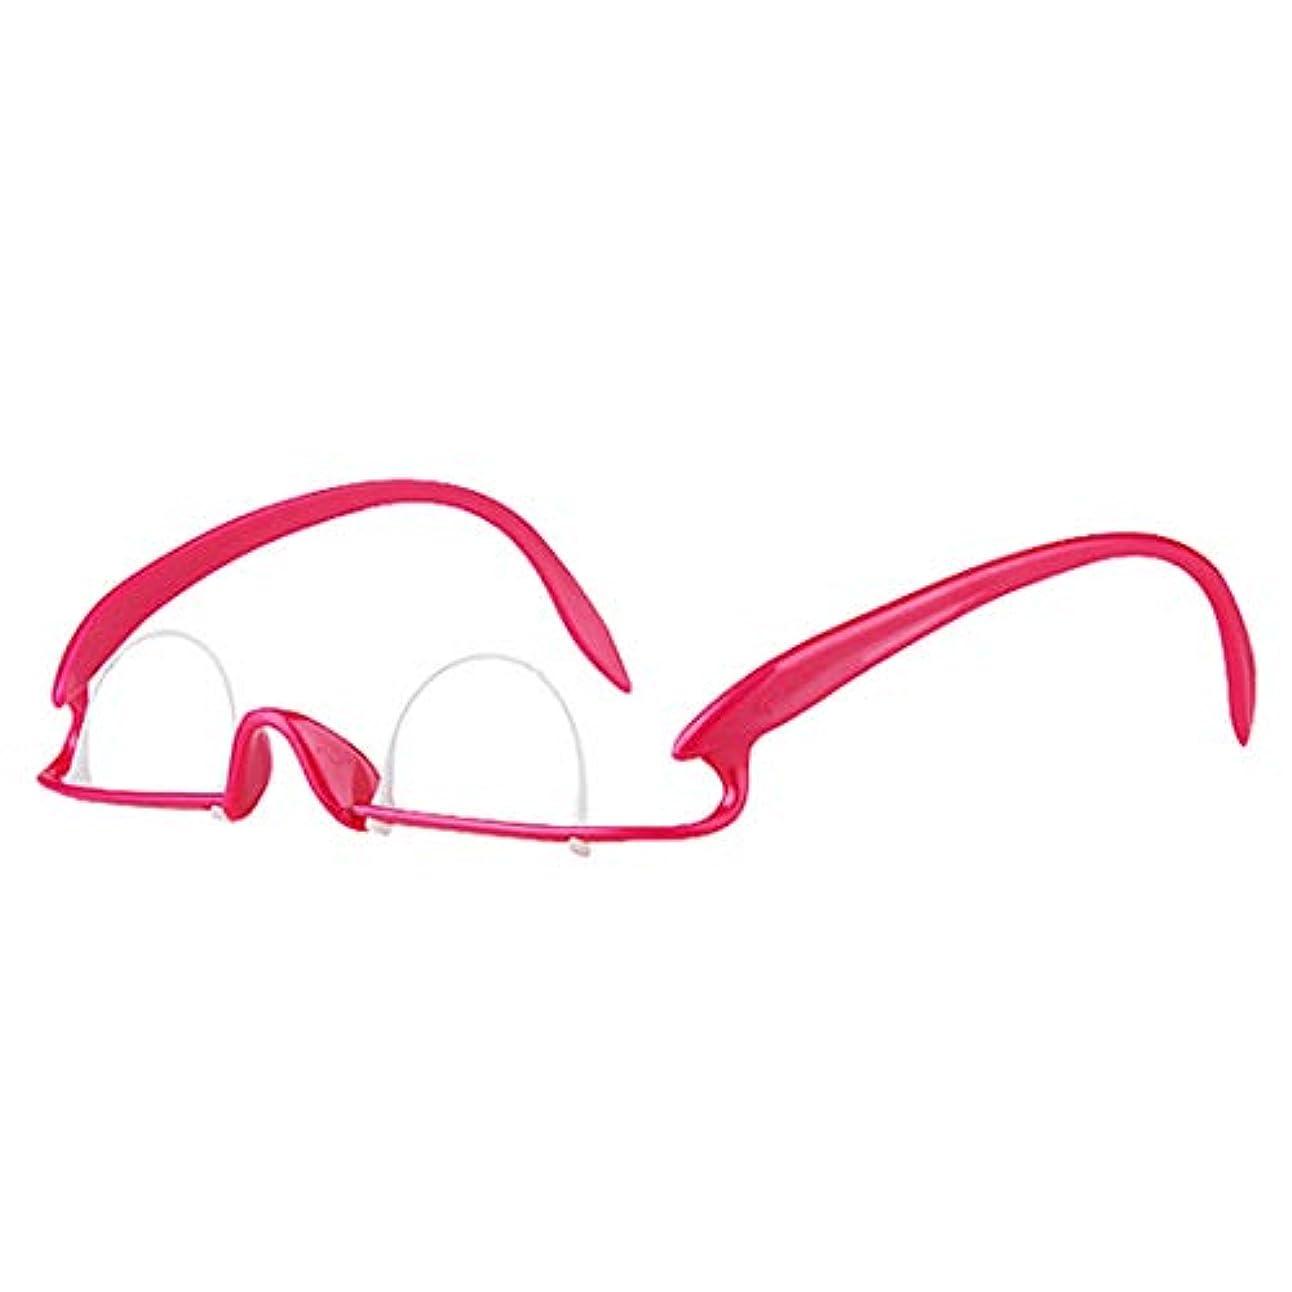 凝視借りているコンサート億騰 二重まぶた用メガネ 二重まぶた運動 二重まぶた形成 二重まぶた運動器 メガネトレーナー